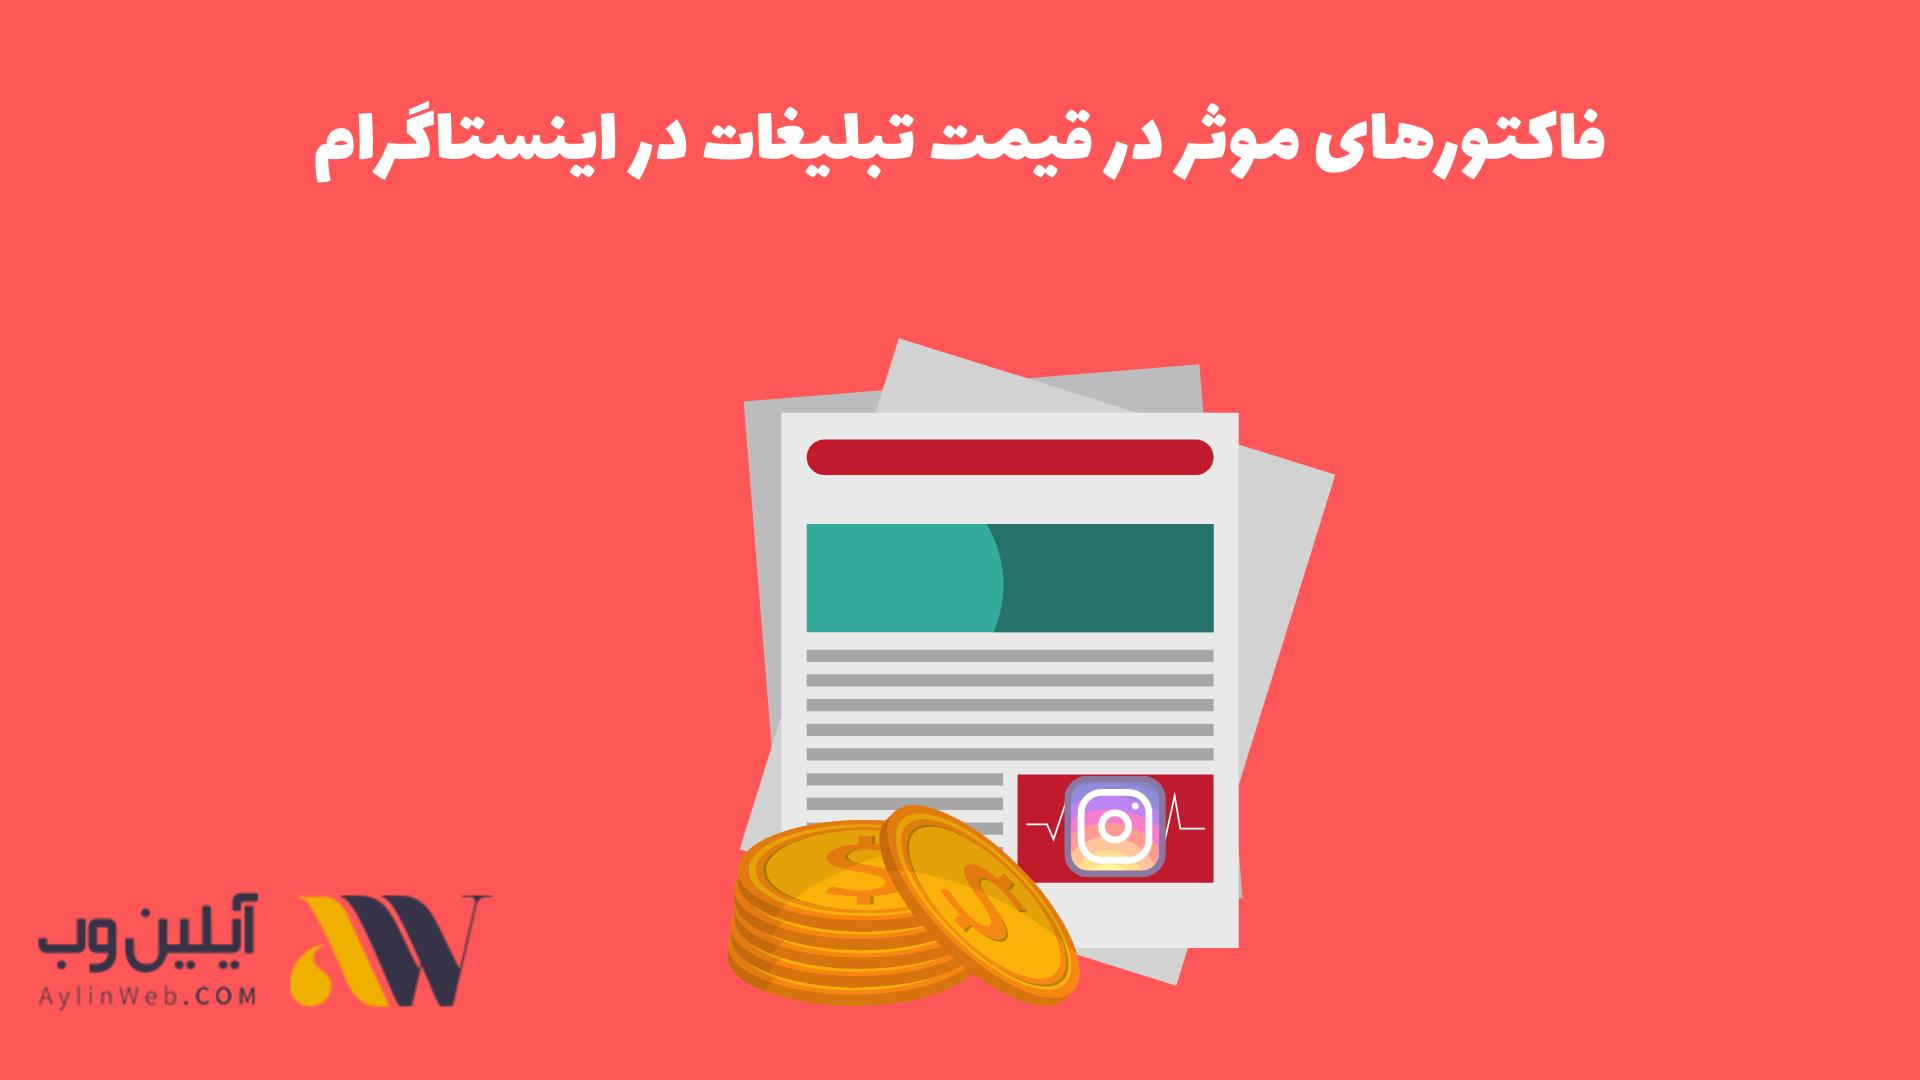 فاکتورهای موثر در قیمت تبلیغات در اینستاگرام